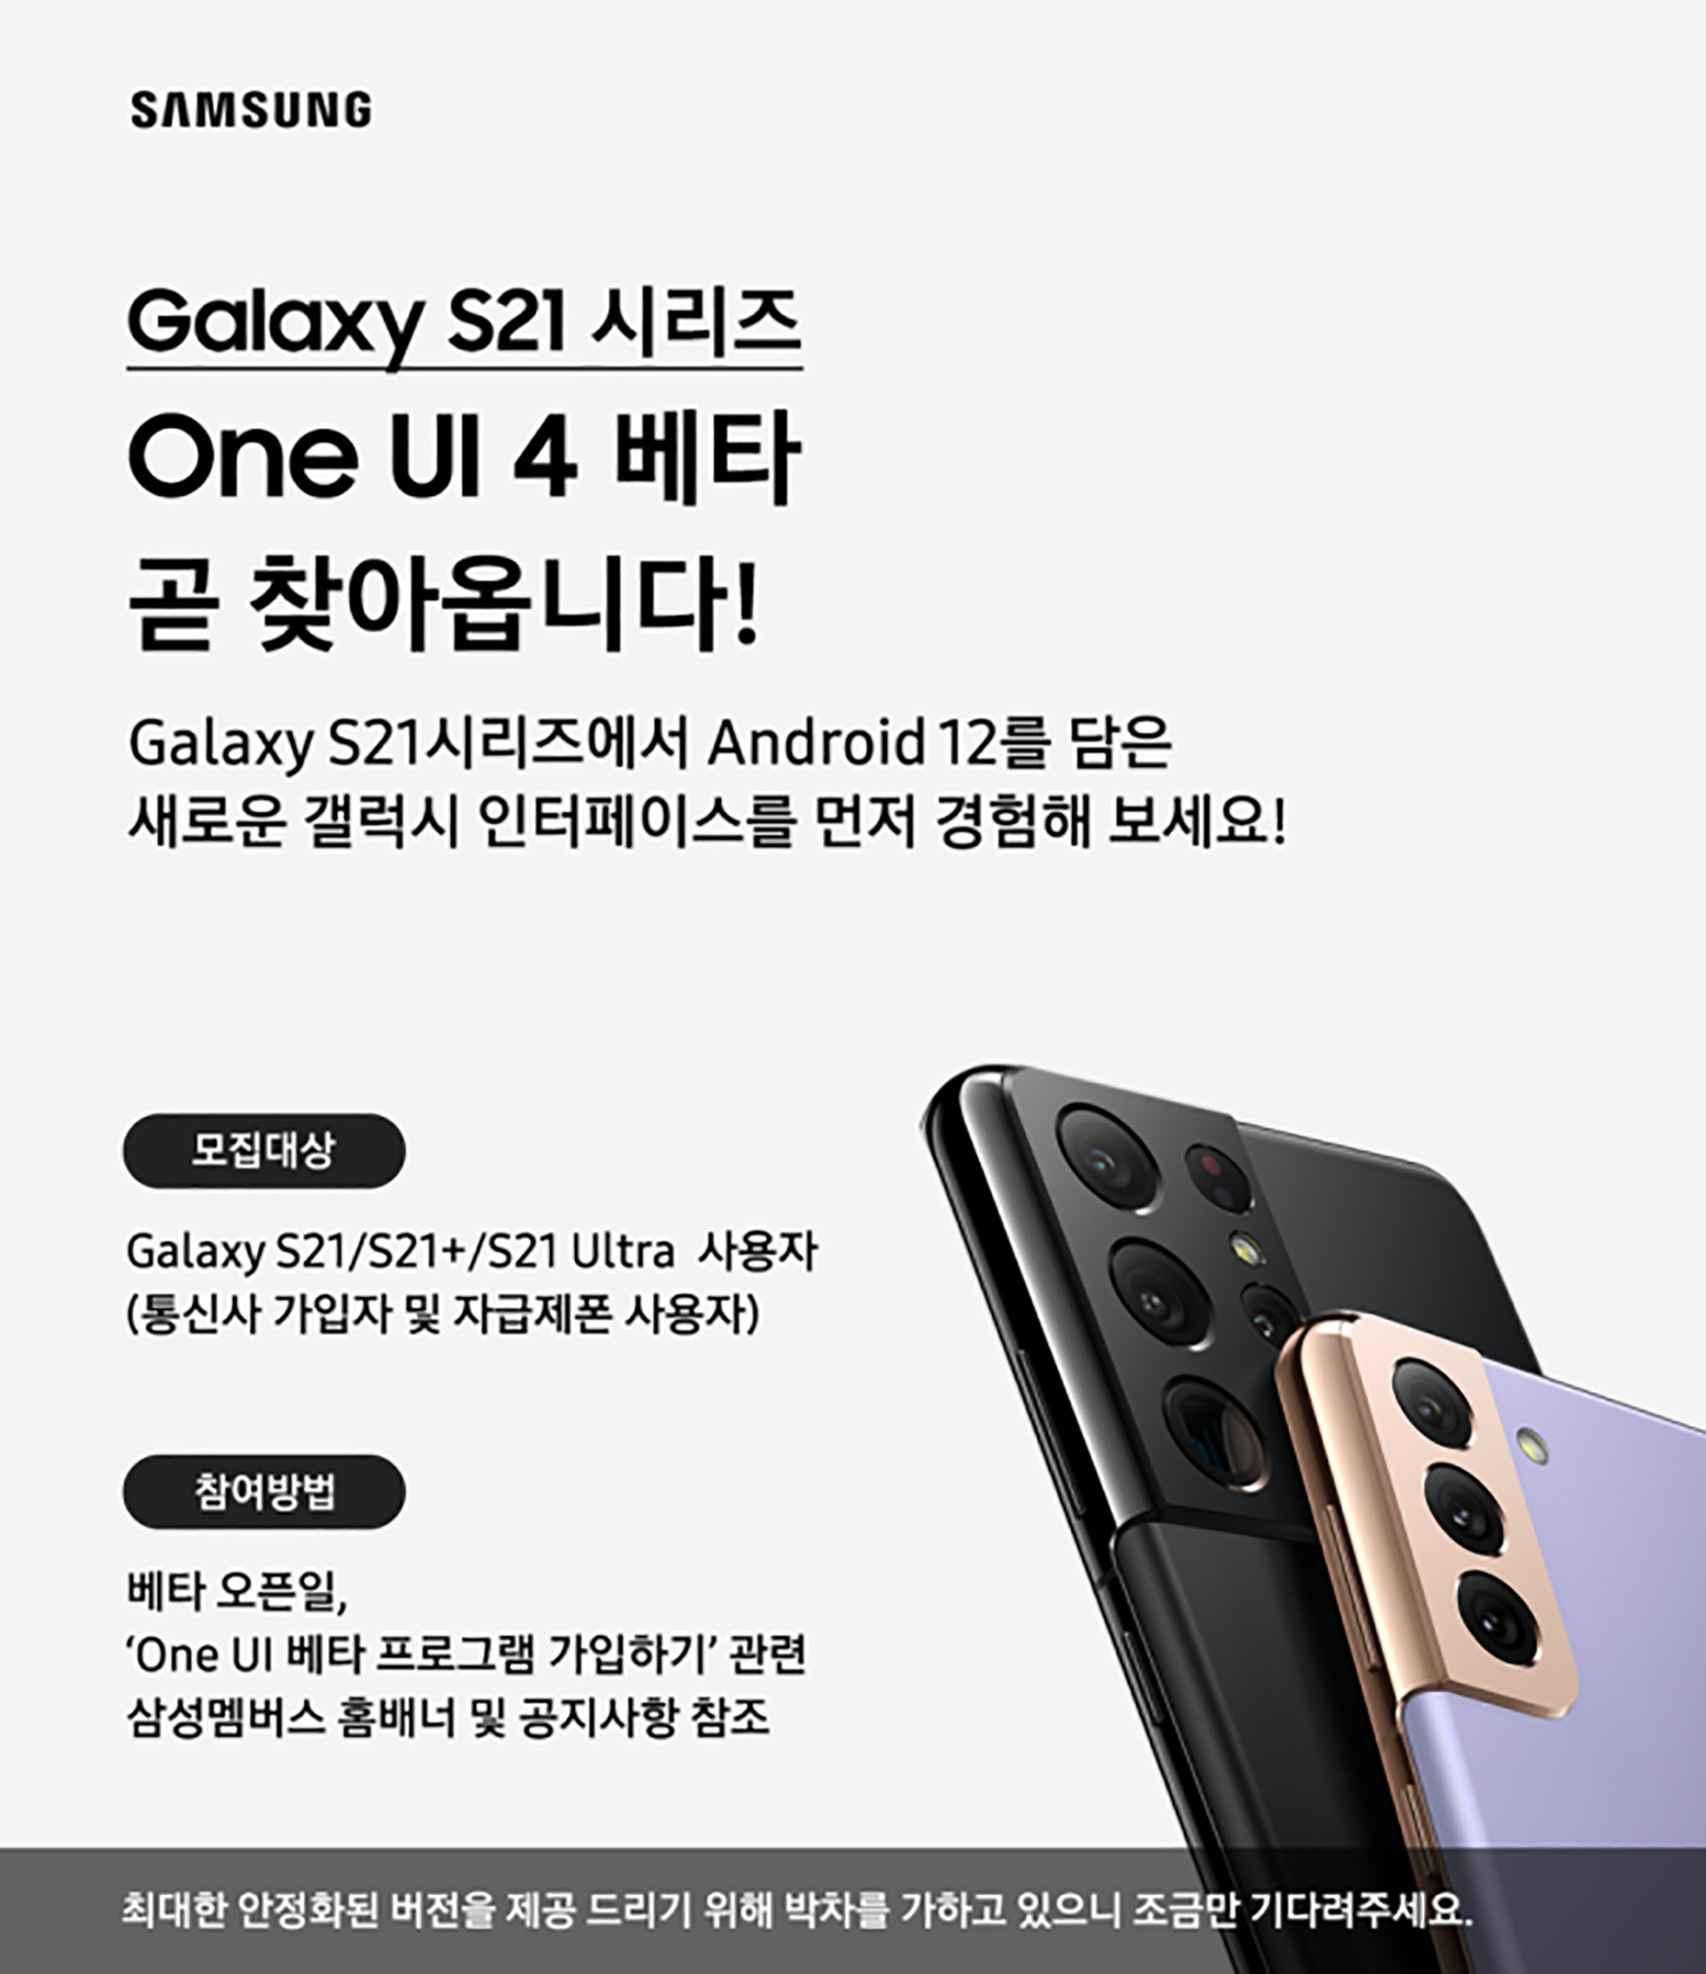 La beta de Android 12 con One UI 4 comienza en septiembre